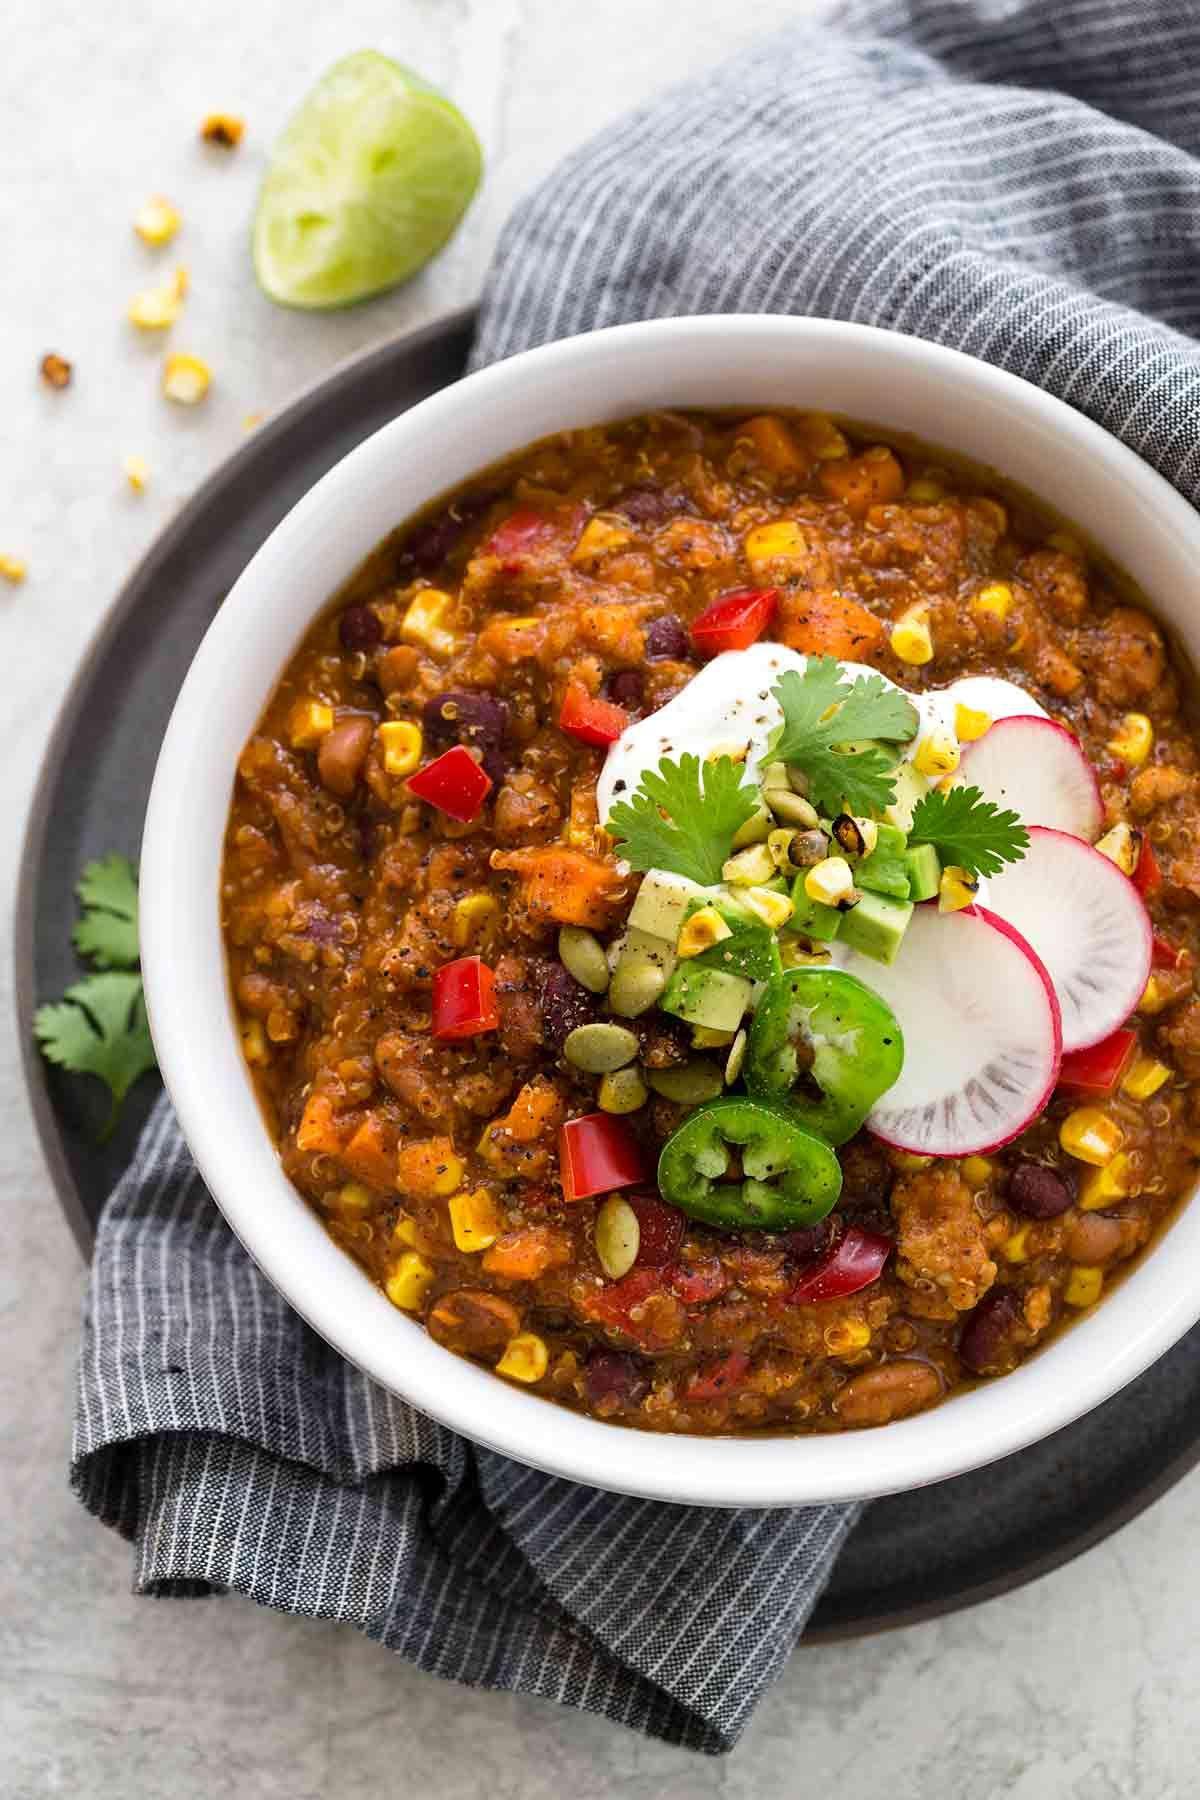 Instant Pot Turkey Chili With Quinoa Jessica Gavin Recipe Easy Instant Pot Recipes Pot Recipes Turkey Chili